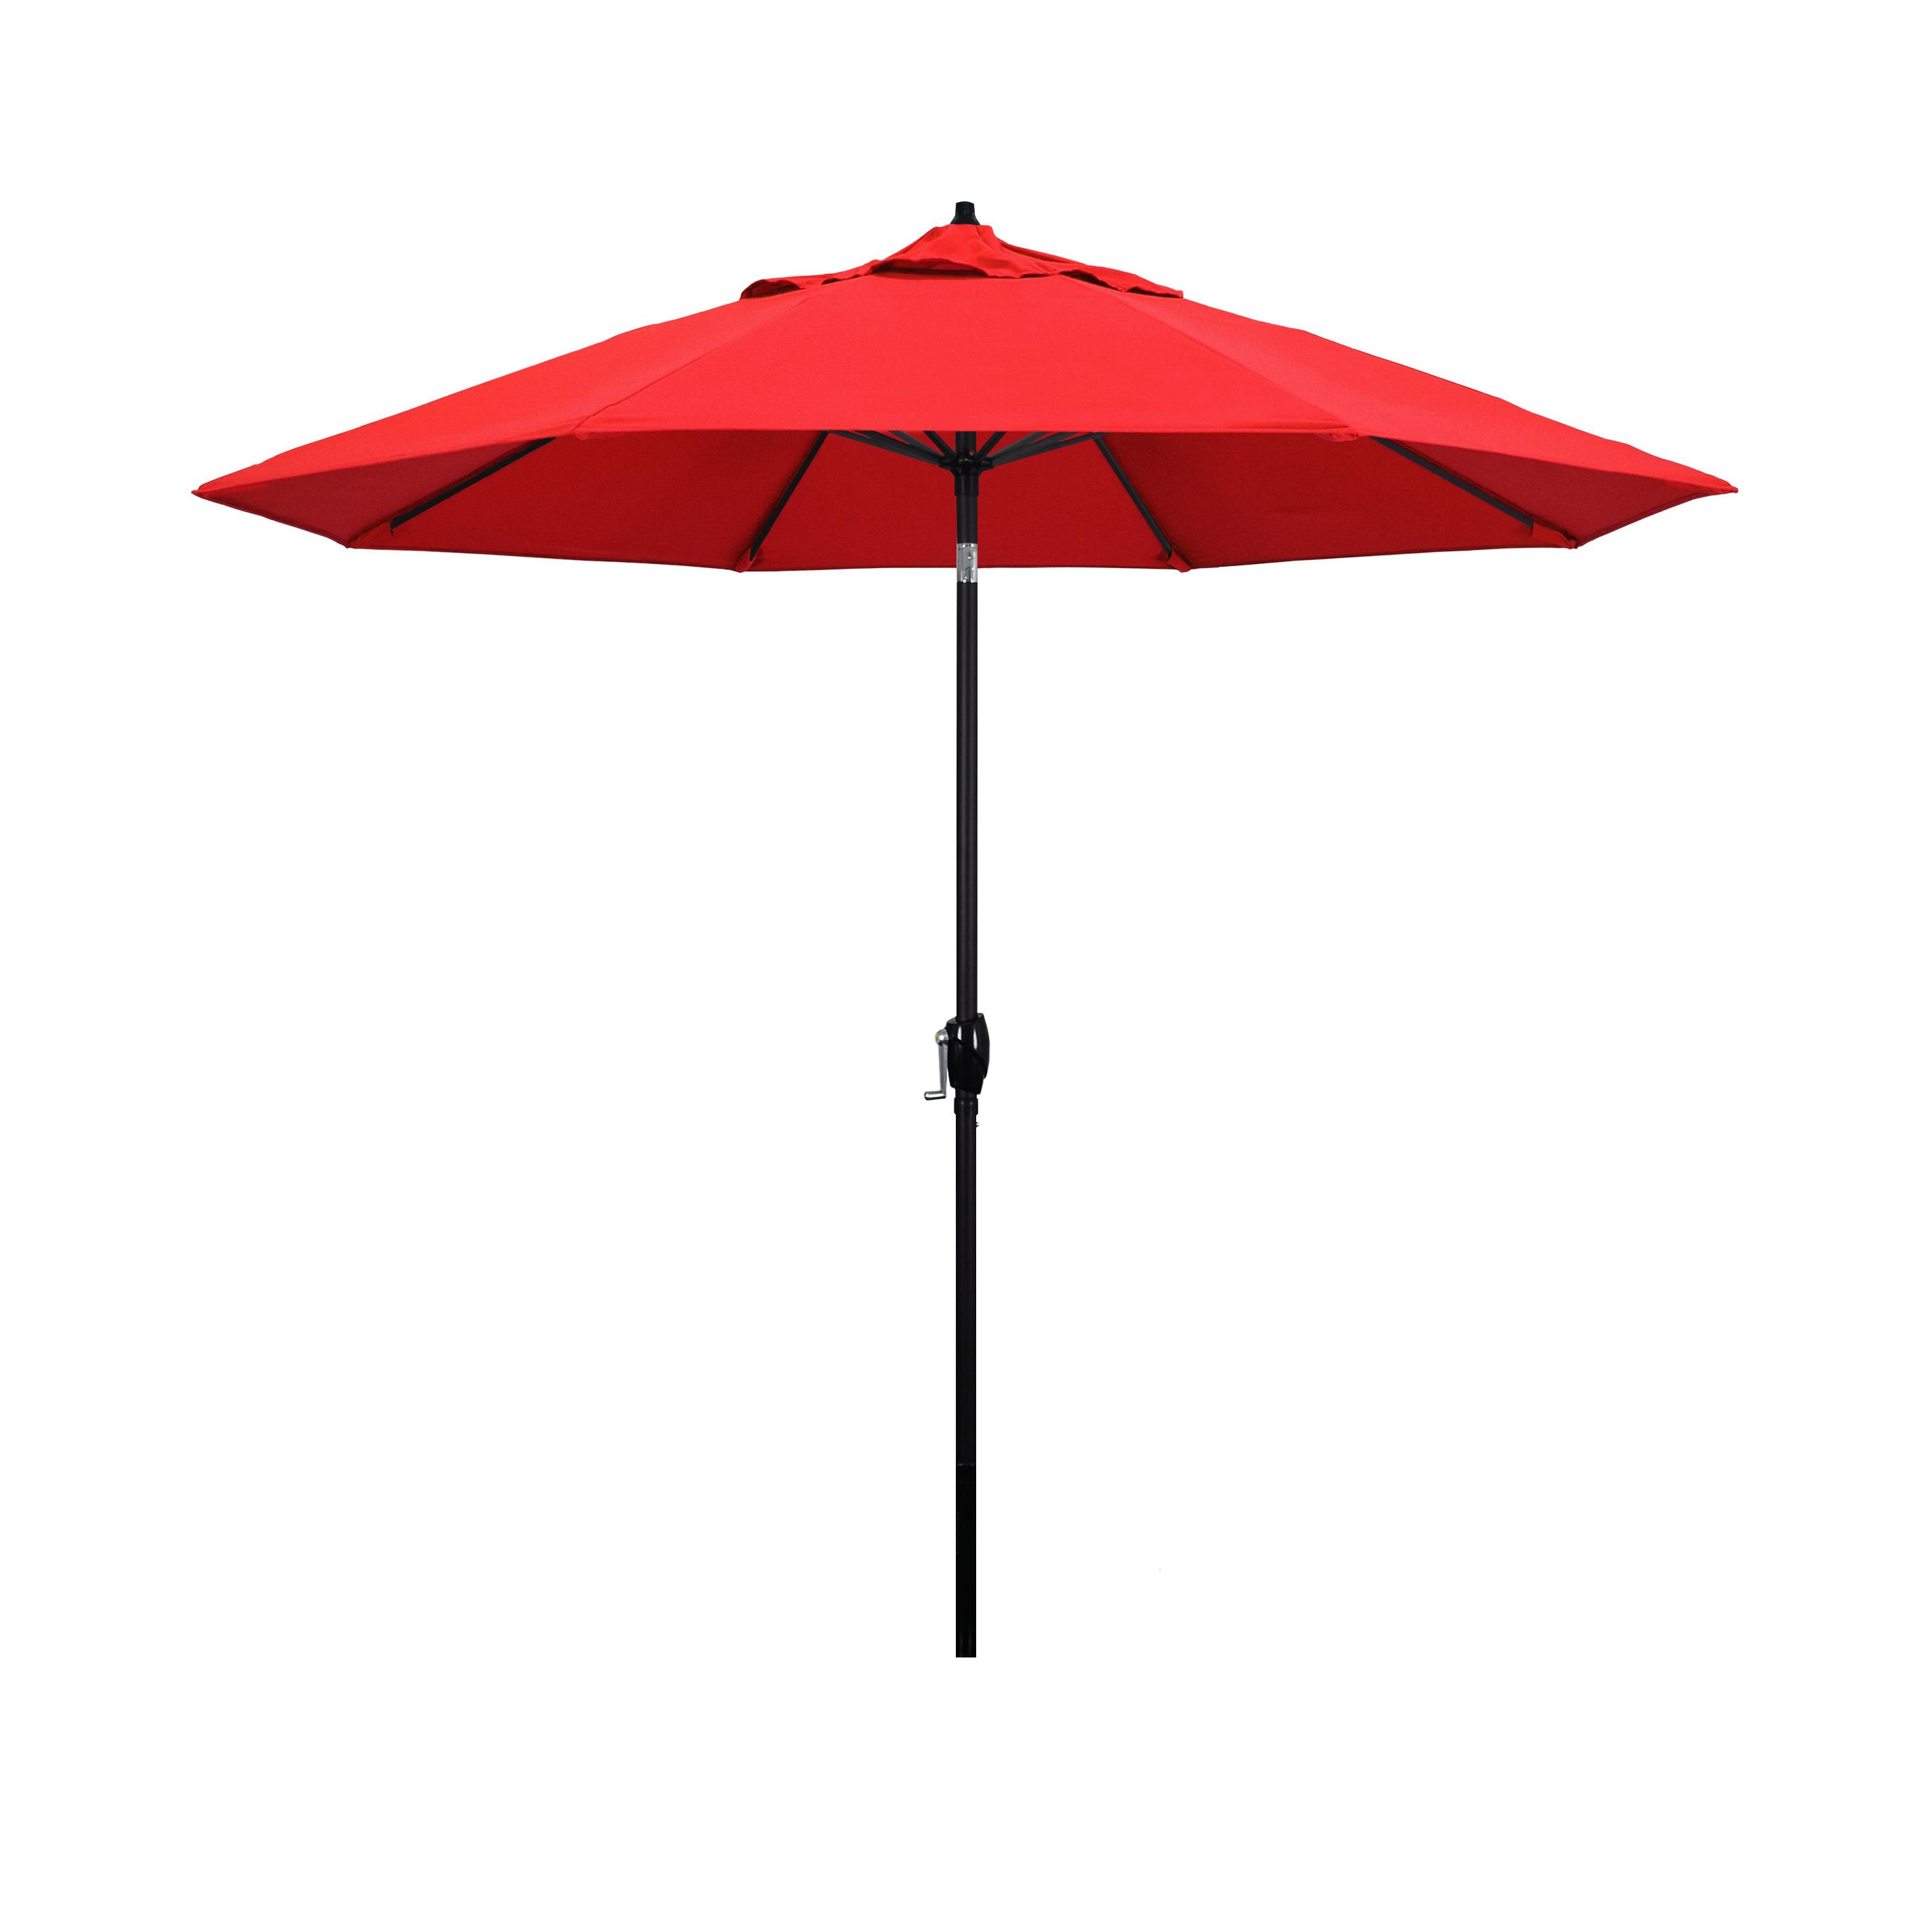 9' Market Sunbrella Umbrella Pertaining To Current Caravelle Market Sunbrella Umbrellas (View 2 of 20)